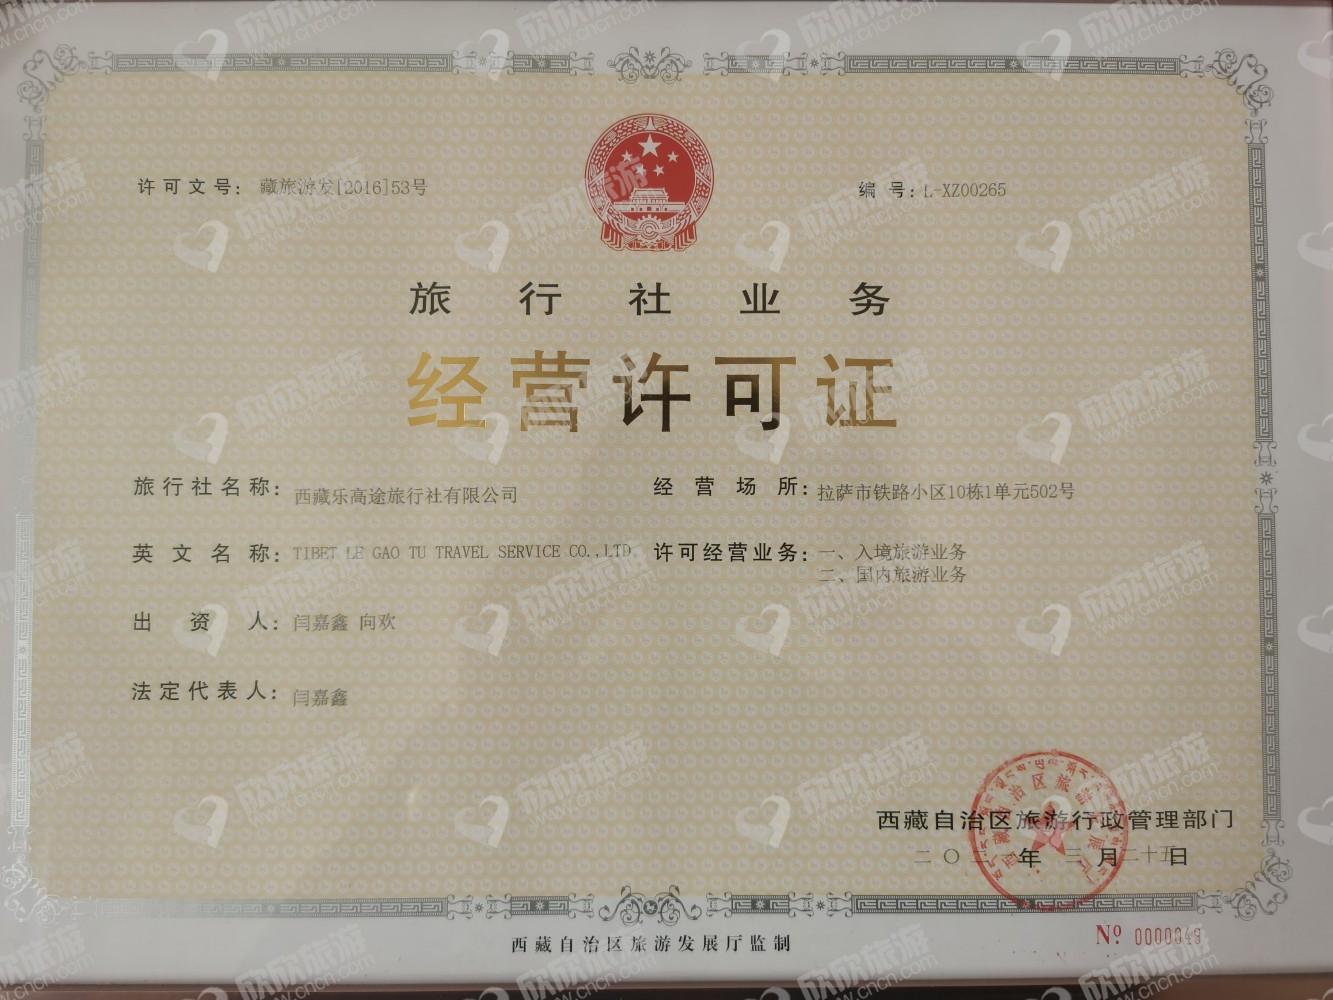 西藏乐高途旅行社有限公司经营许可证